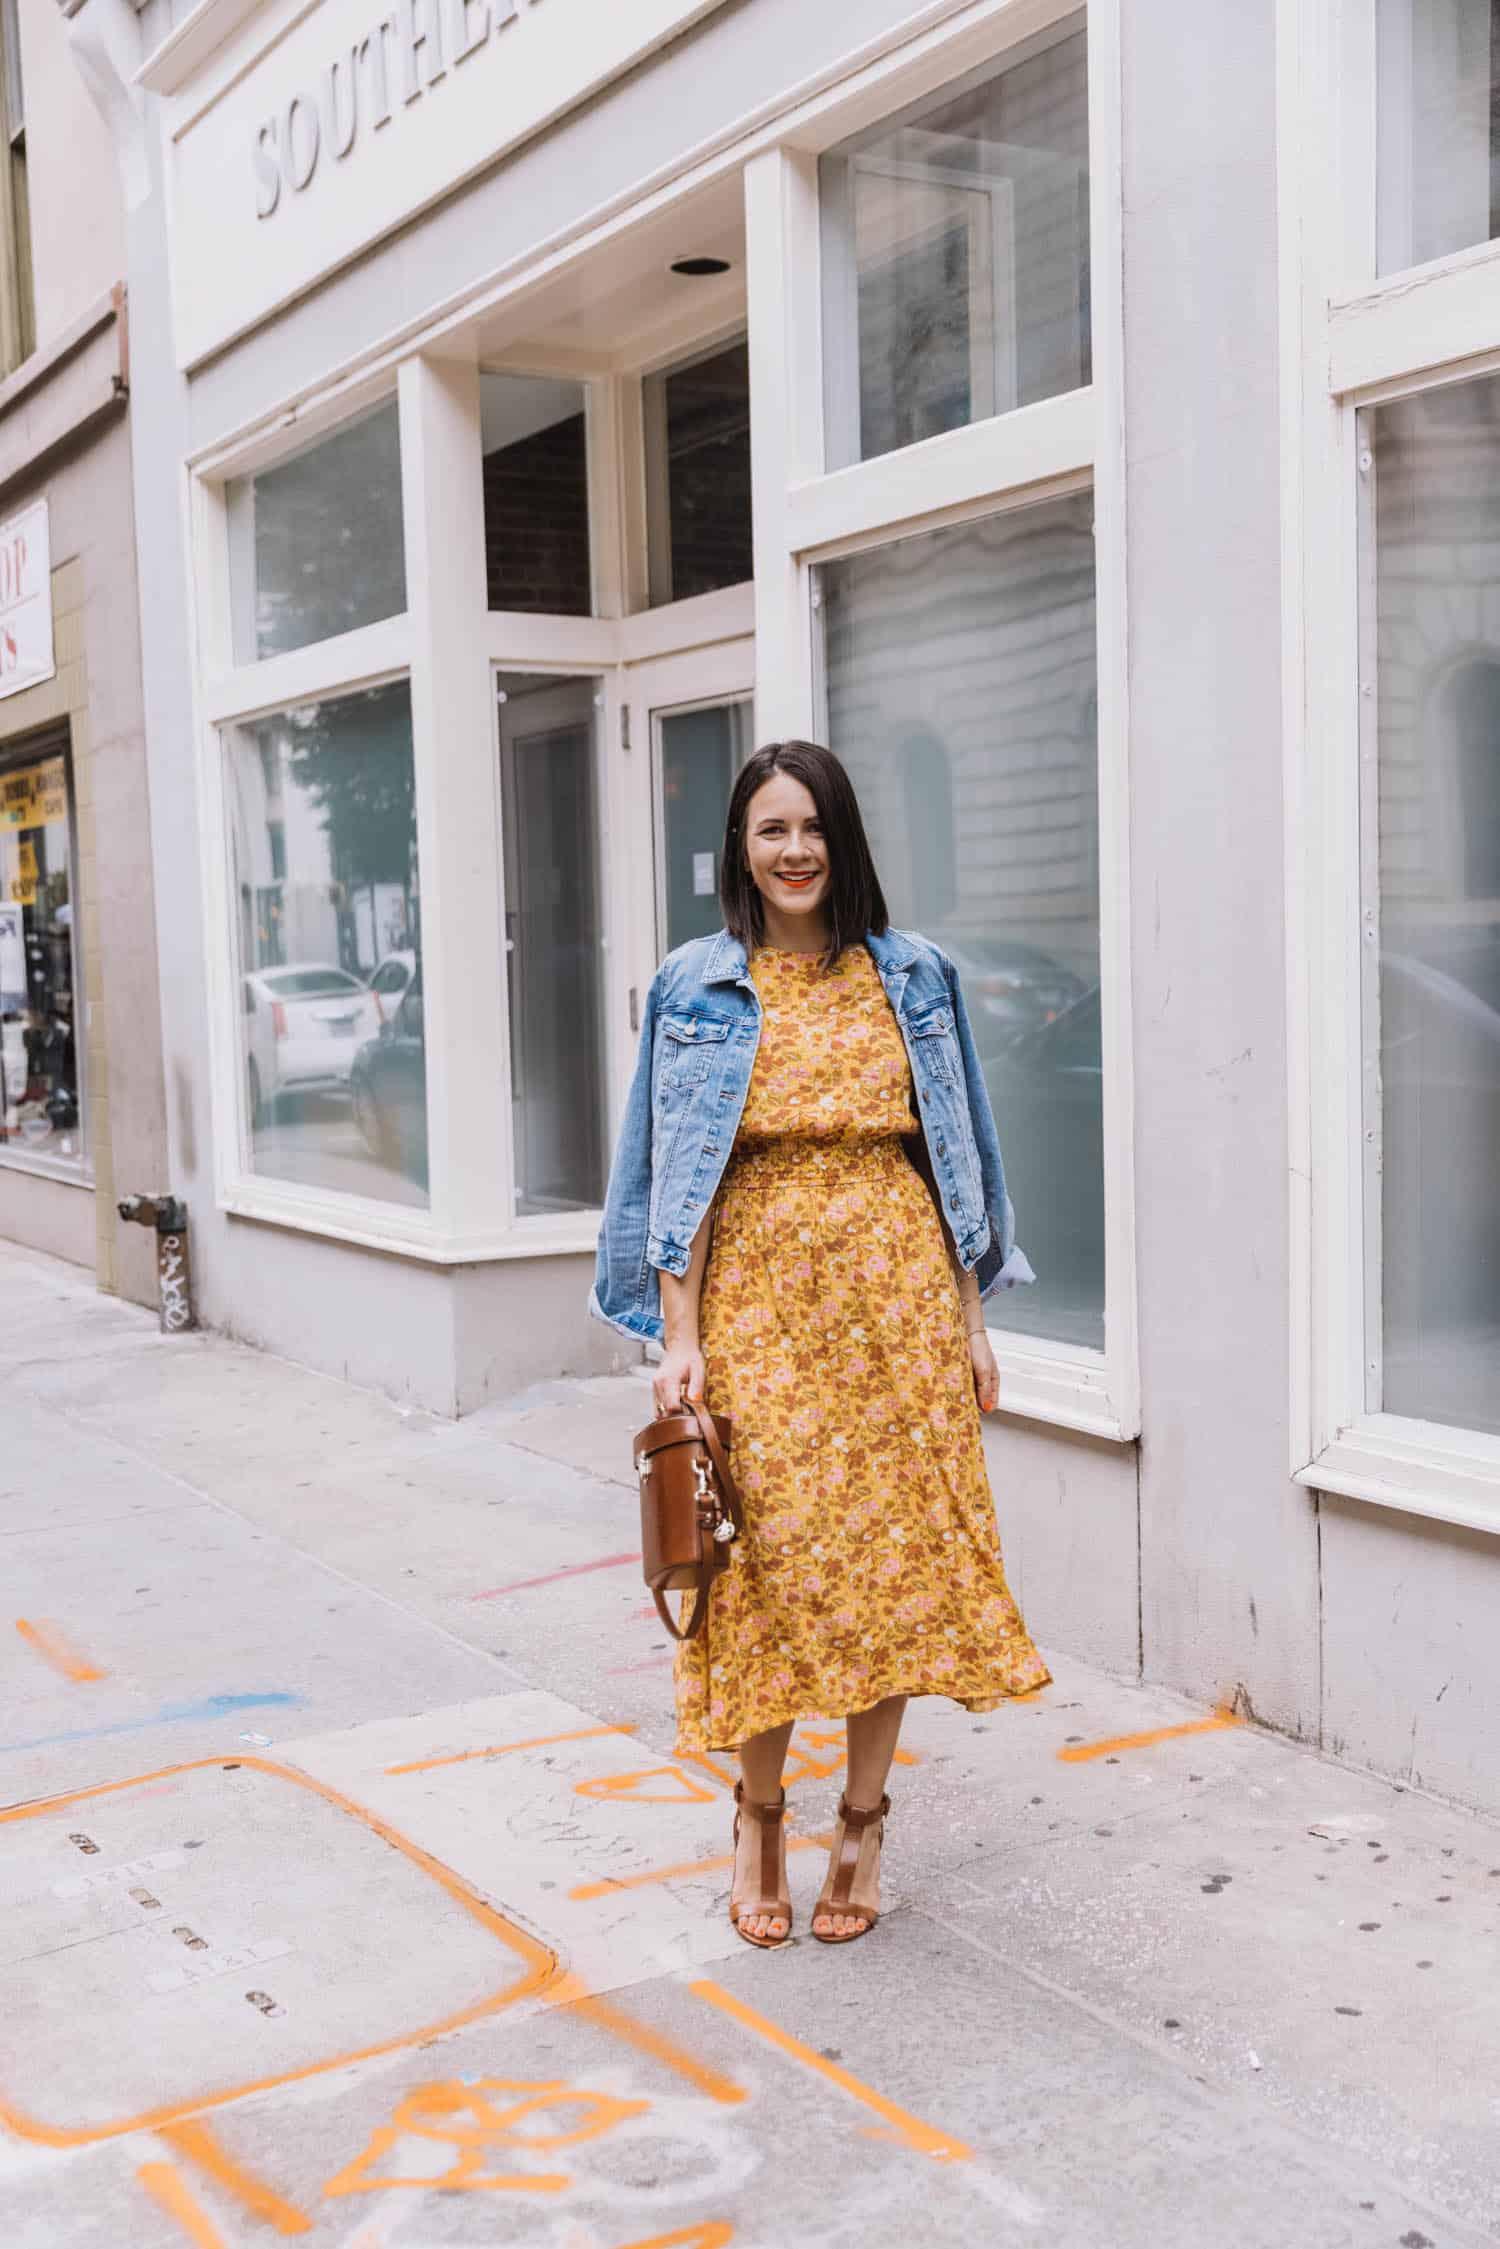 LOFT Versatile Dresses For Your Closet